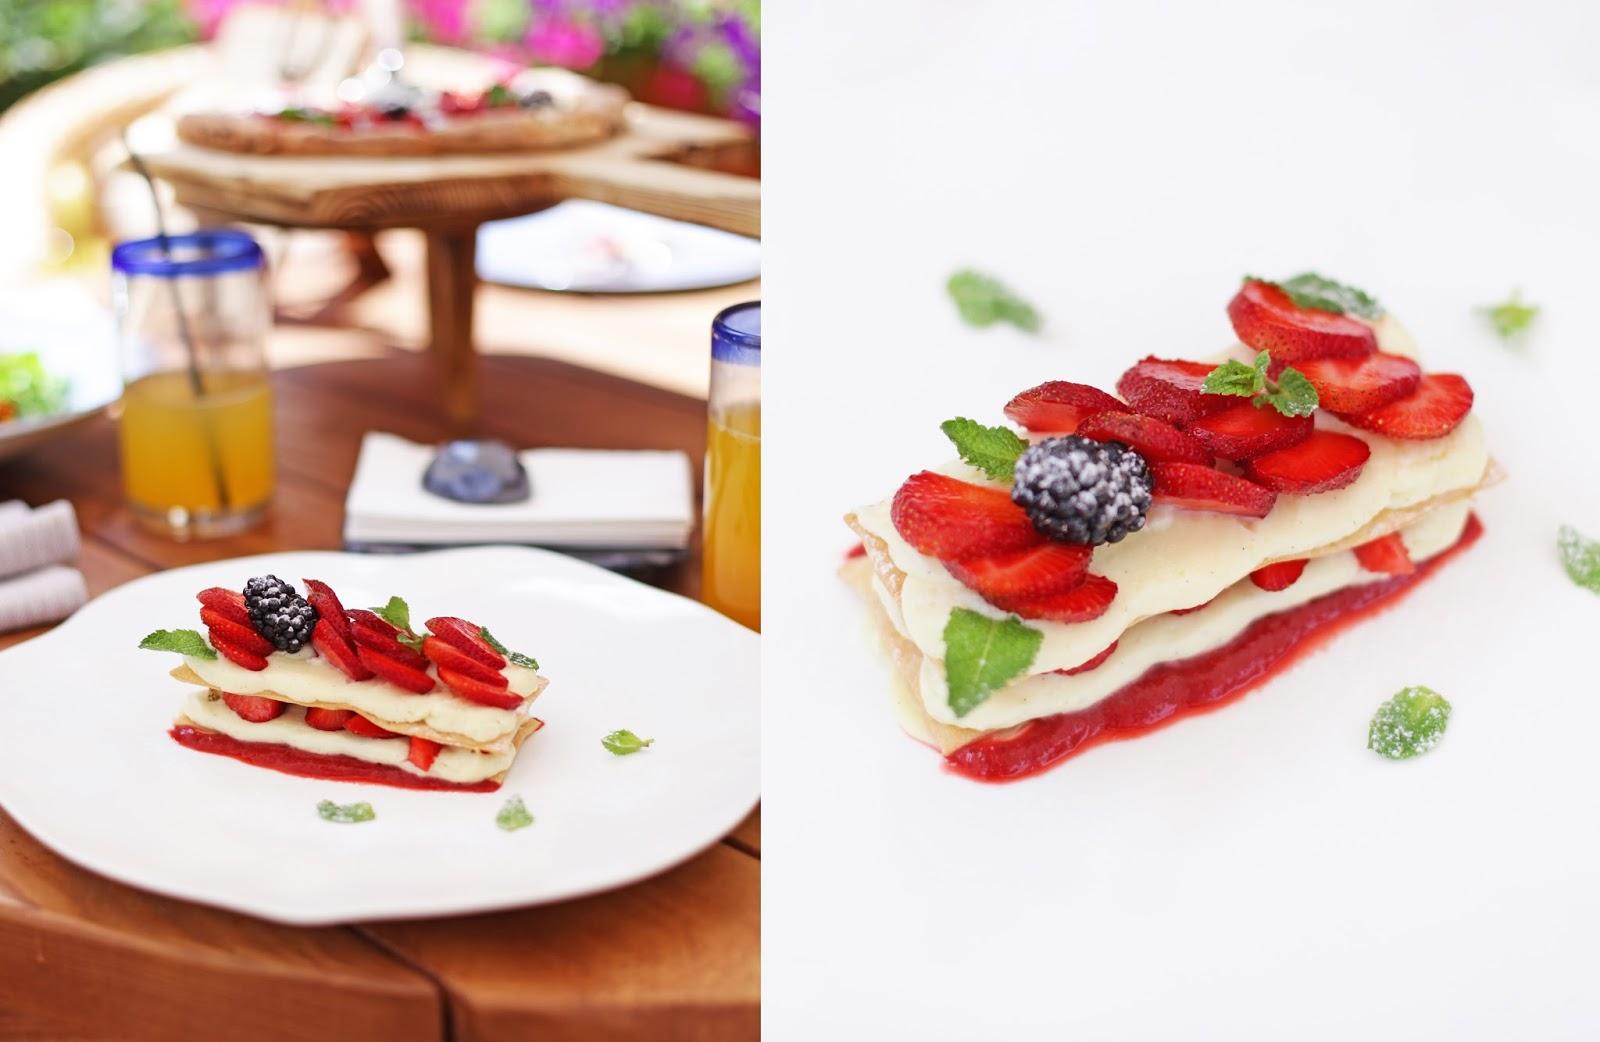 ресторан Fabius, итальянский ресторан, загородный комплекс, мильфей